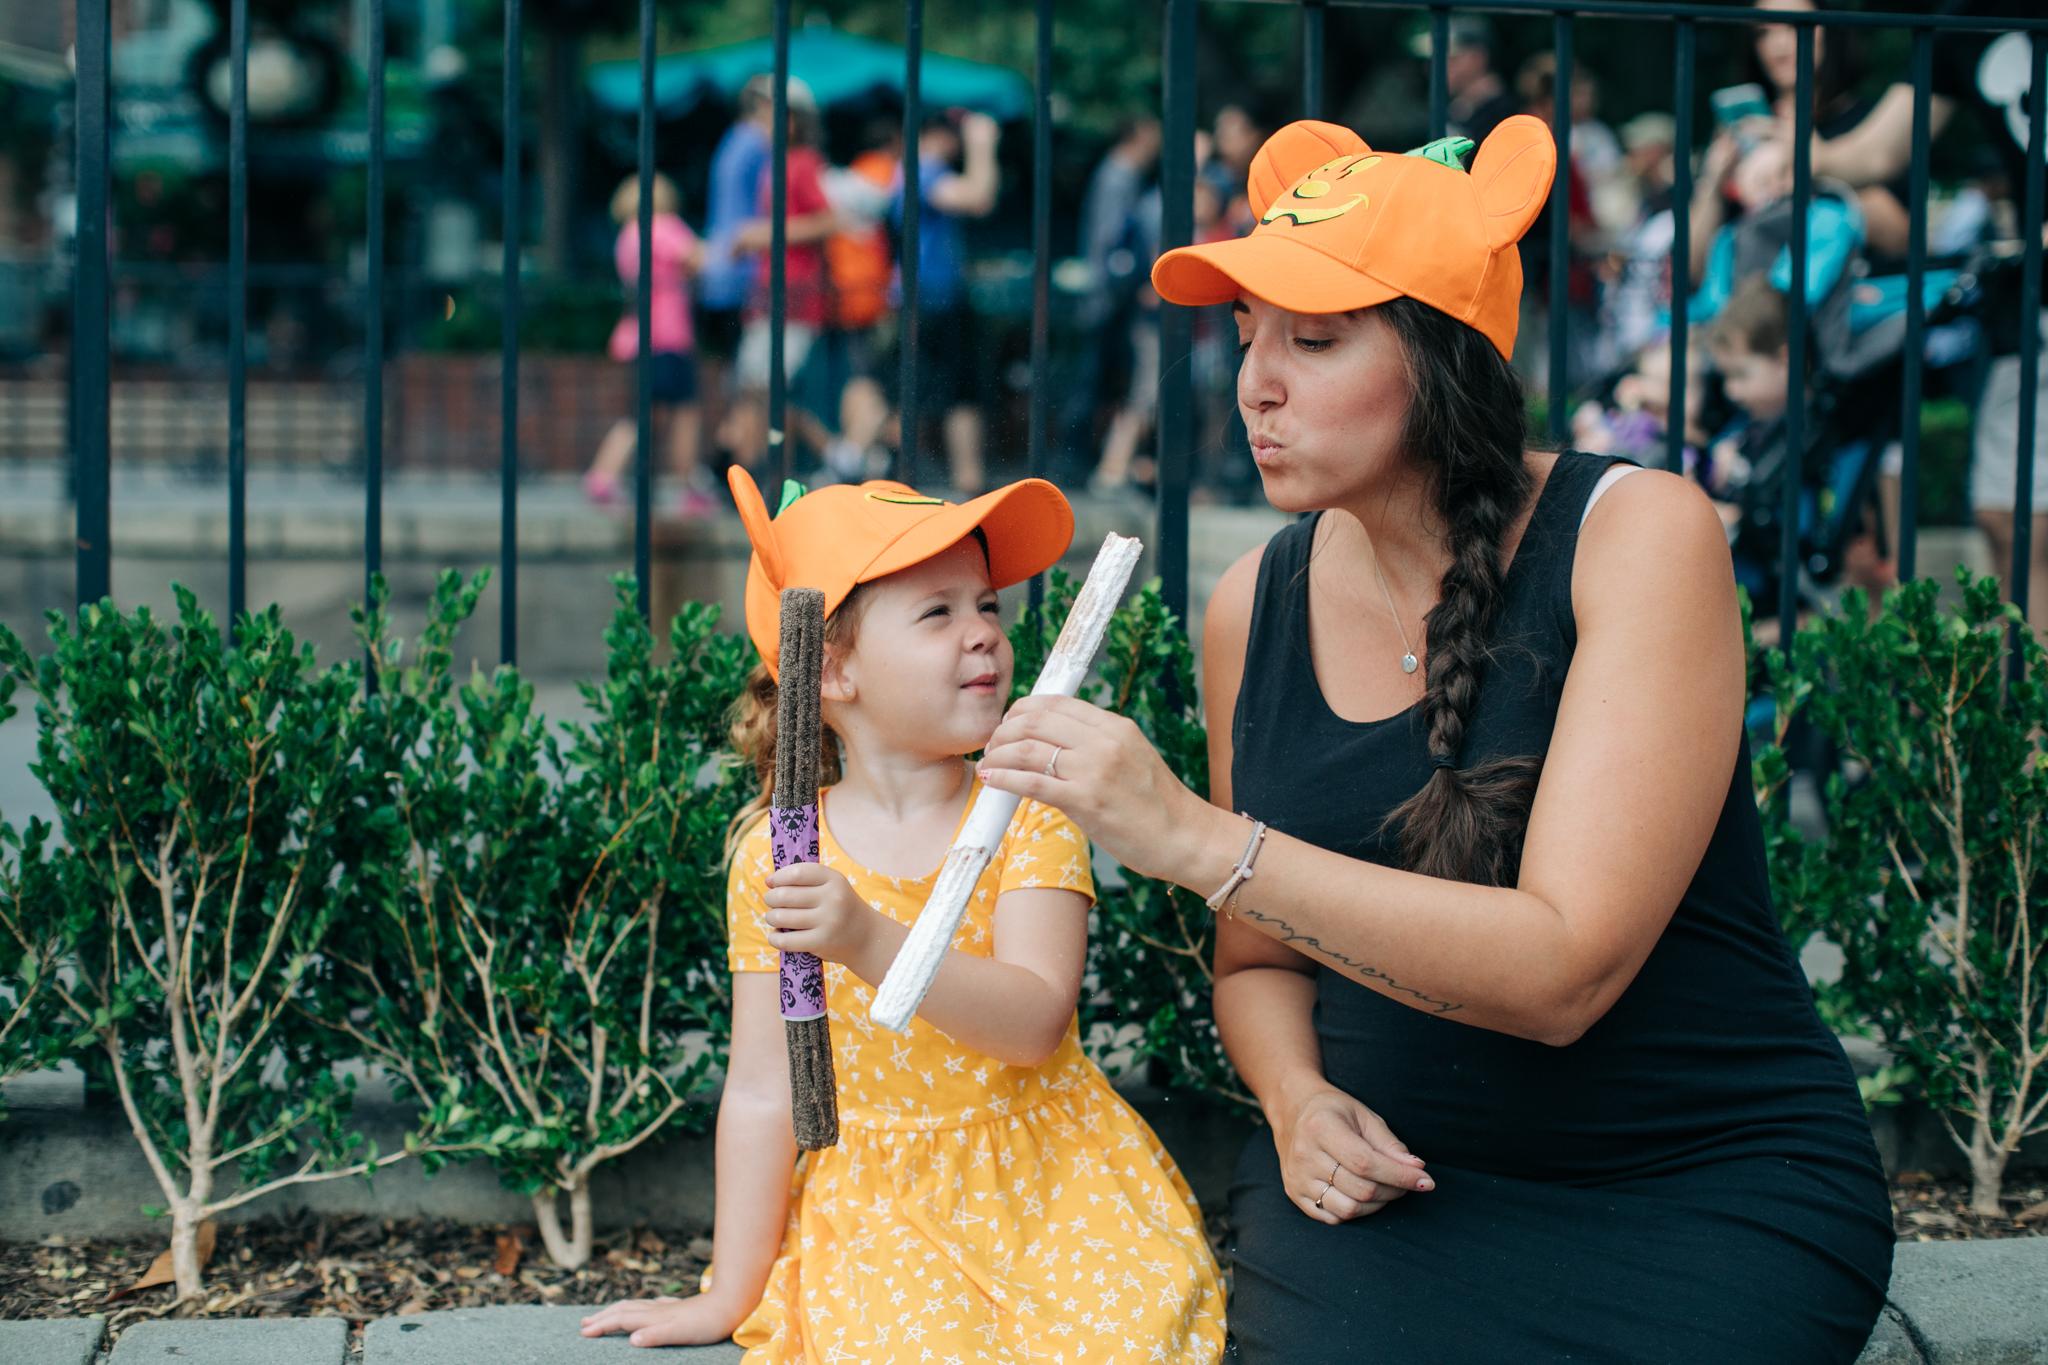 BabyBoyBakery_Disneyland_LilyRo-38.jpg